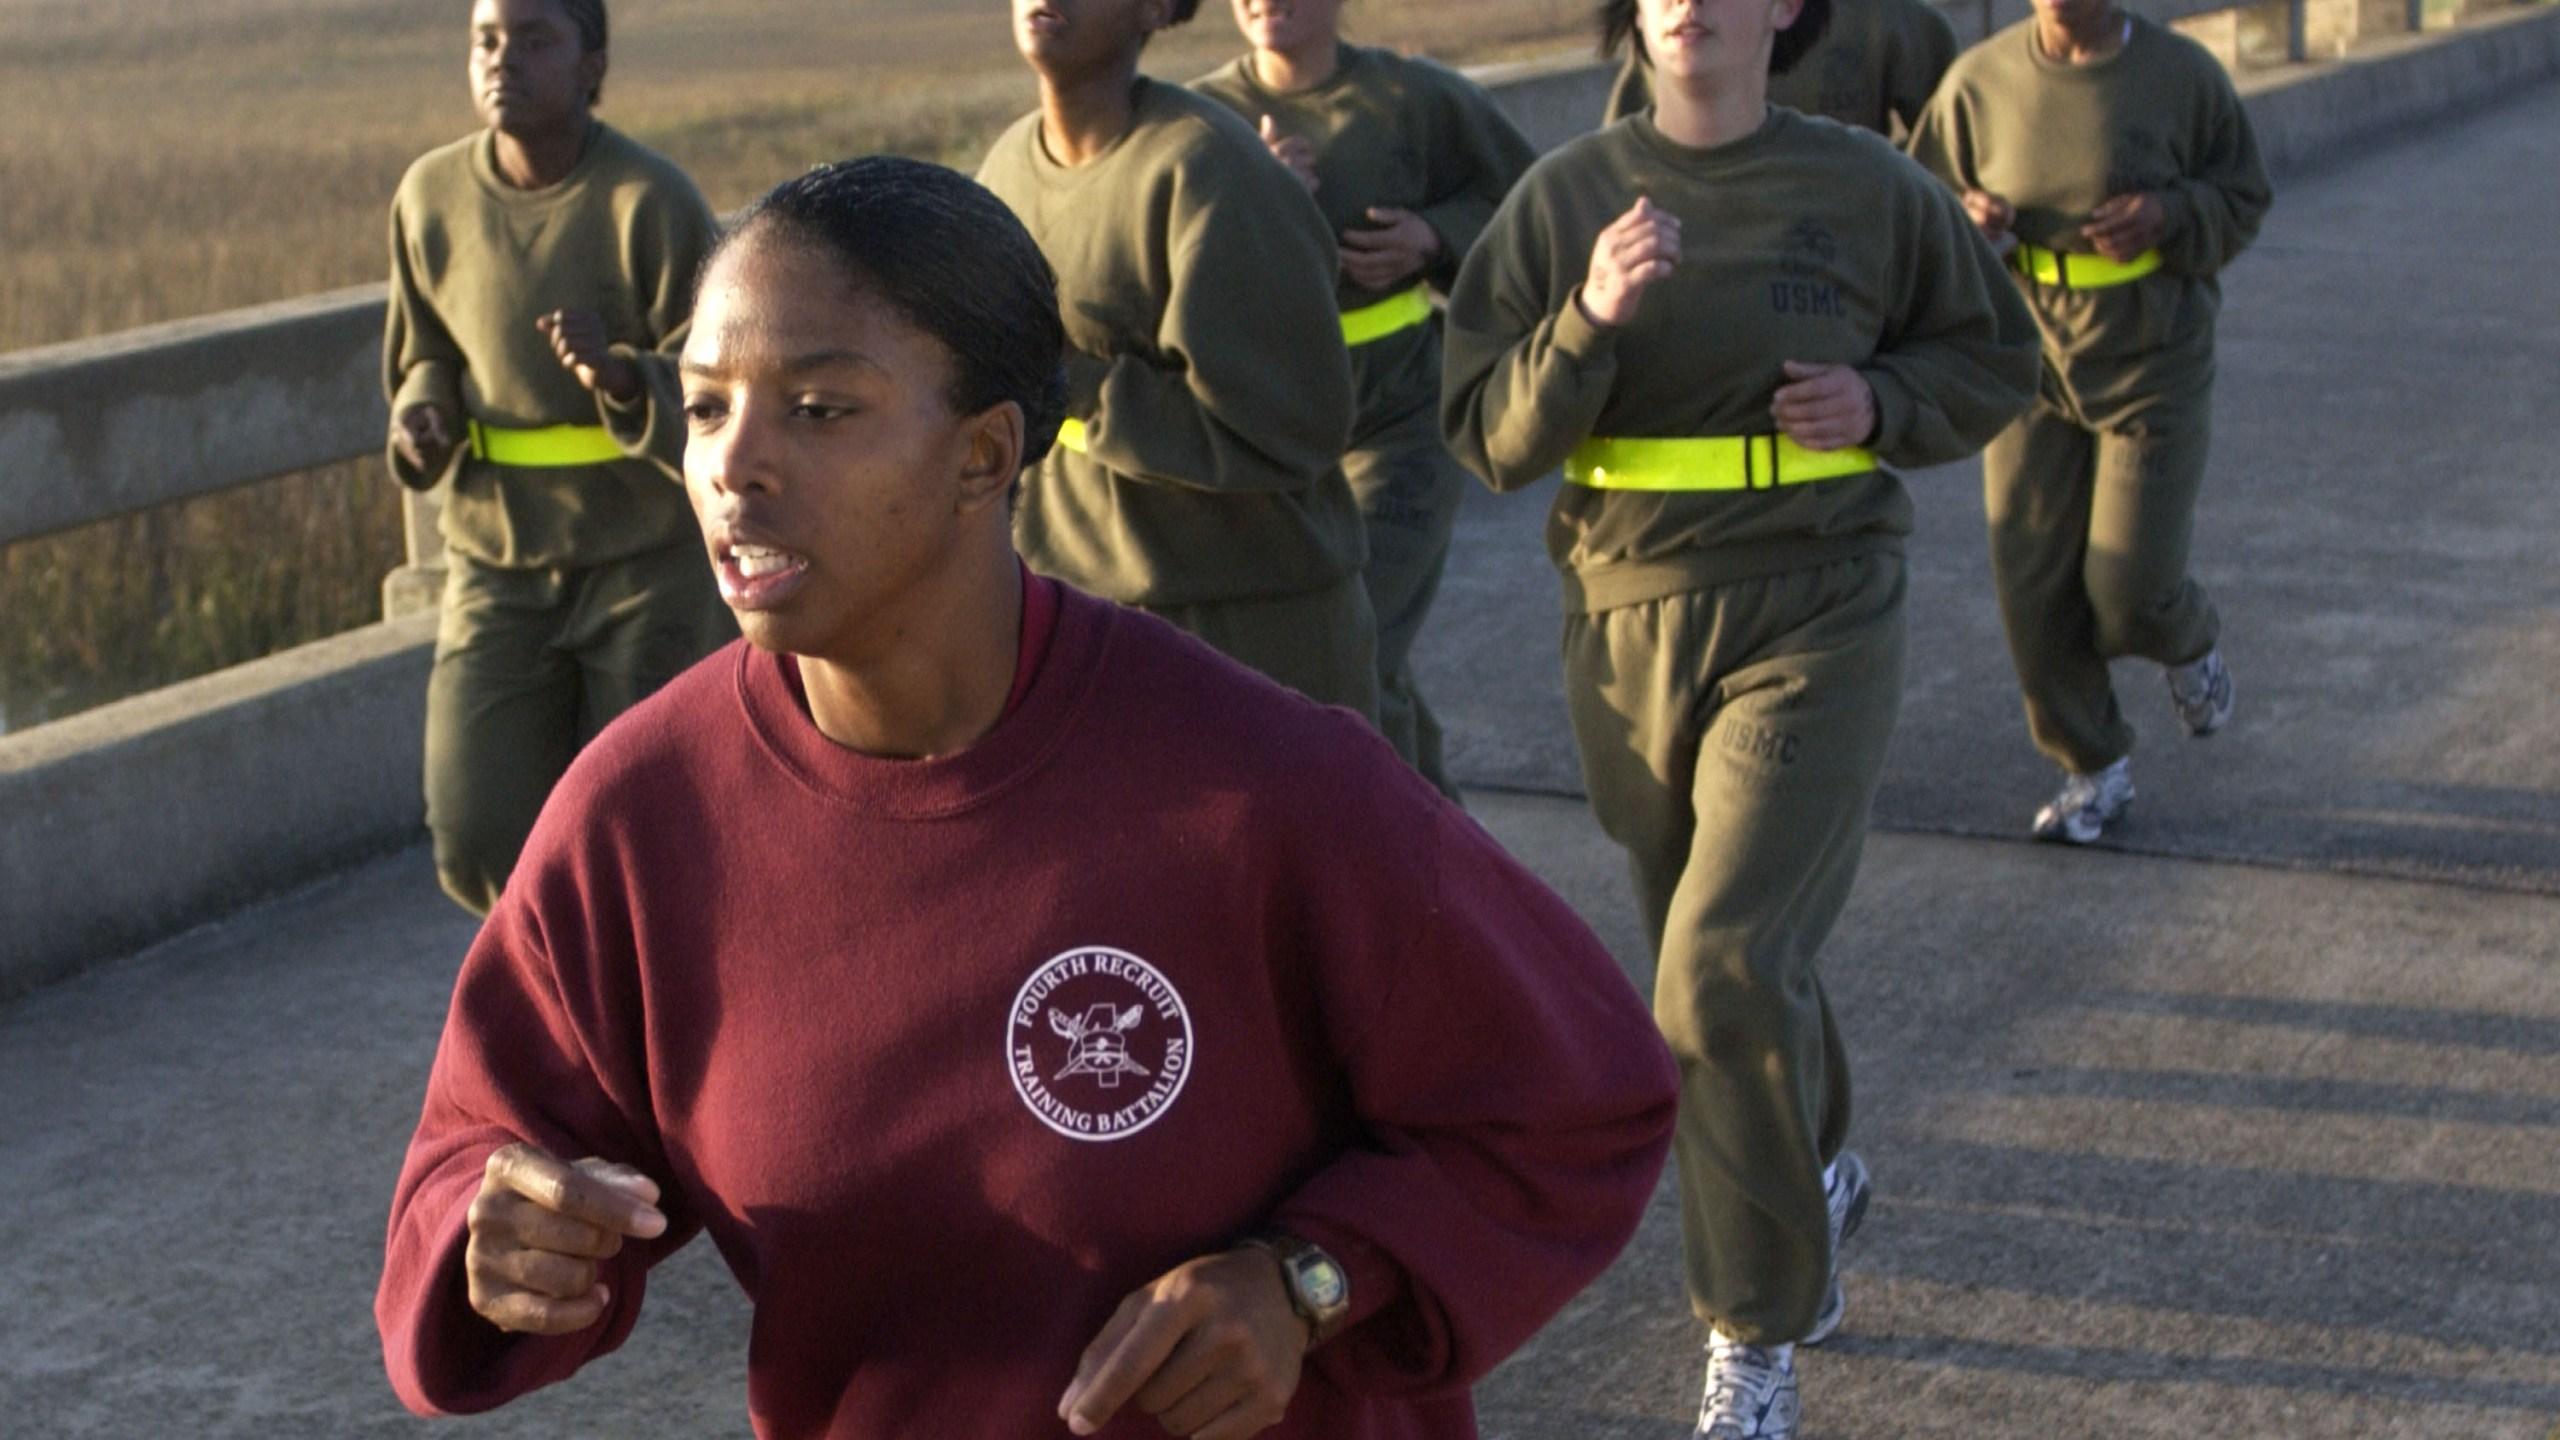 在这张档案照片中,2003年2月19日,美国海军陆战队操练教官苏布里娜-迪克森中士带领一小群女新兵在南卡罗来纳州帕里斯岛海军陆战队新兵仓库进行体能训练测试时,跑了三英里。(Stephen Morton/Getty Images)(photo:KTLA)